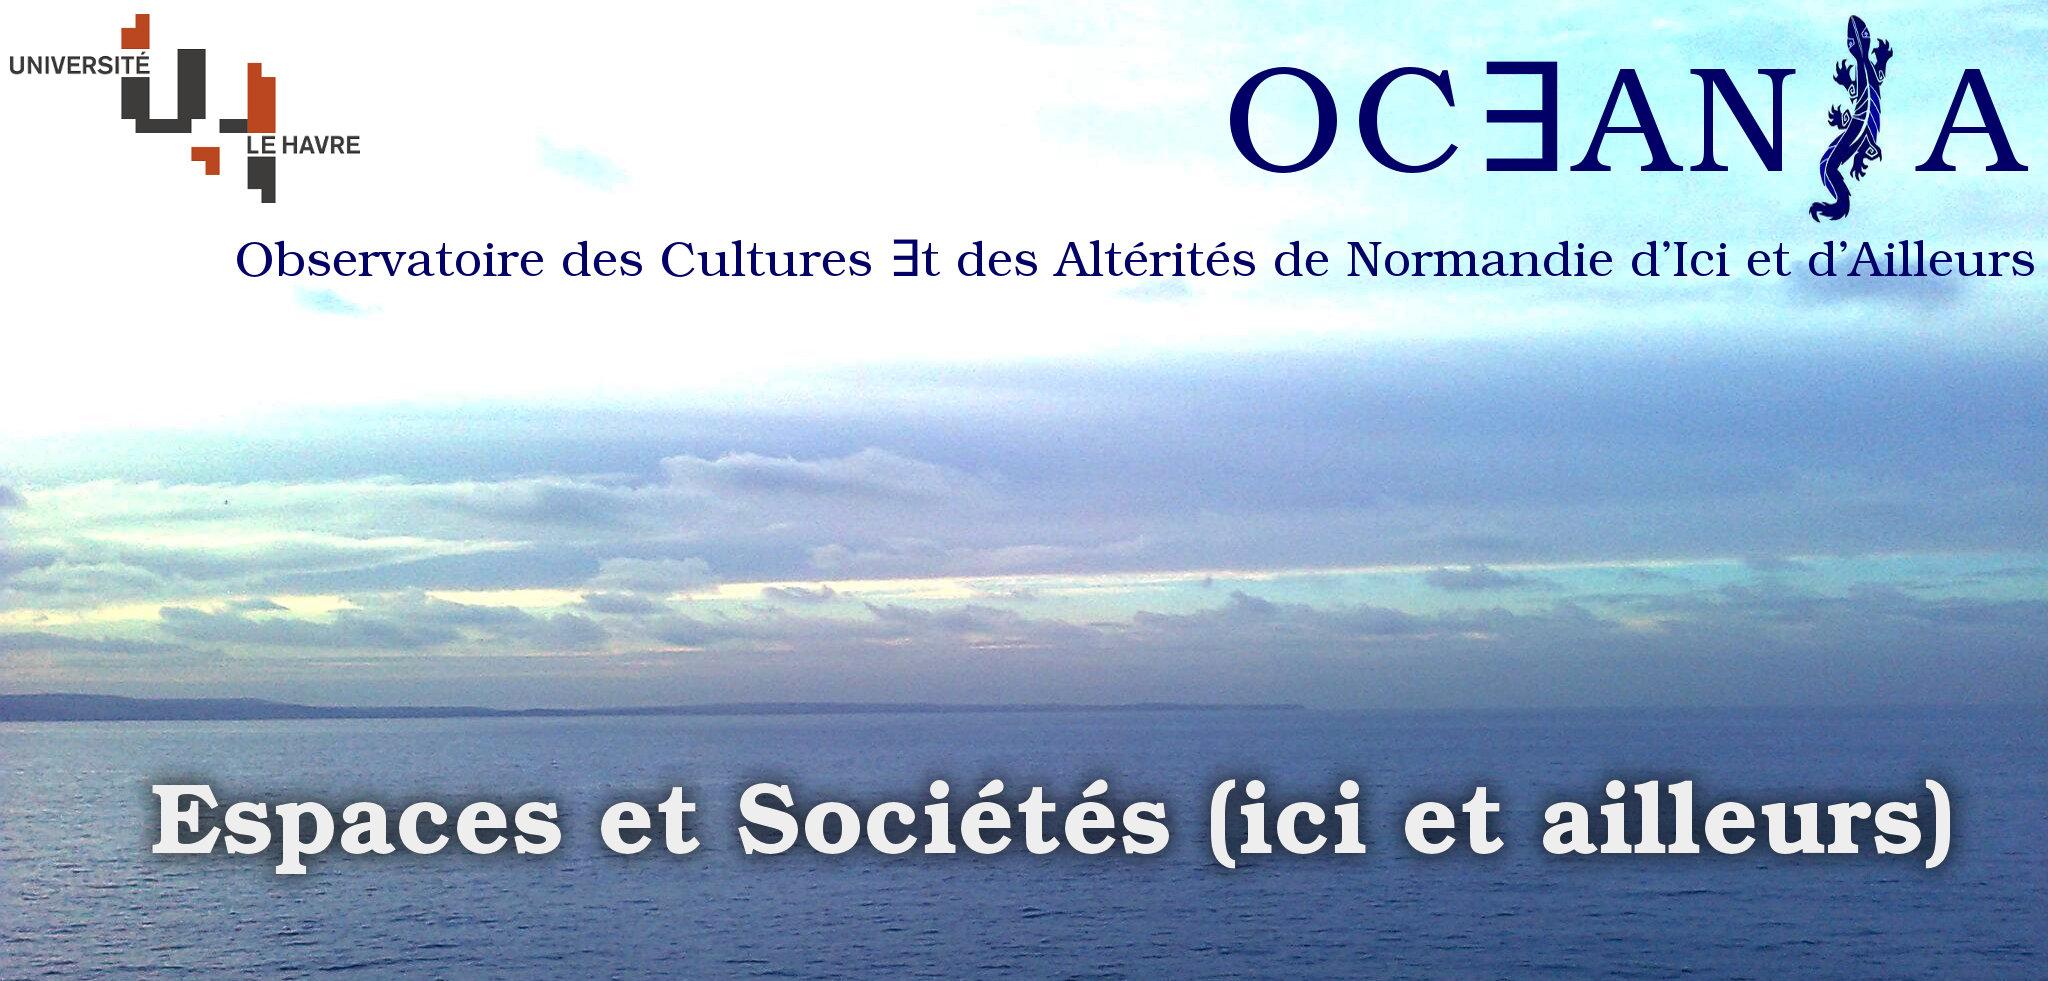 oceania-event-espaces-et-societes